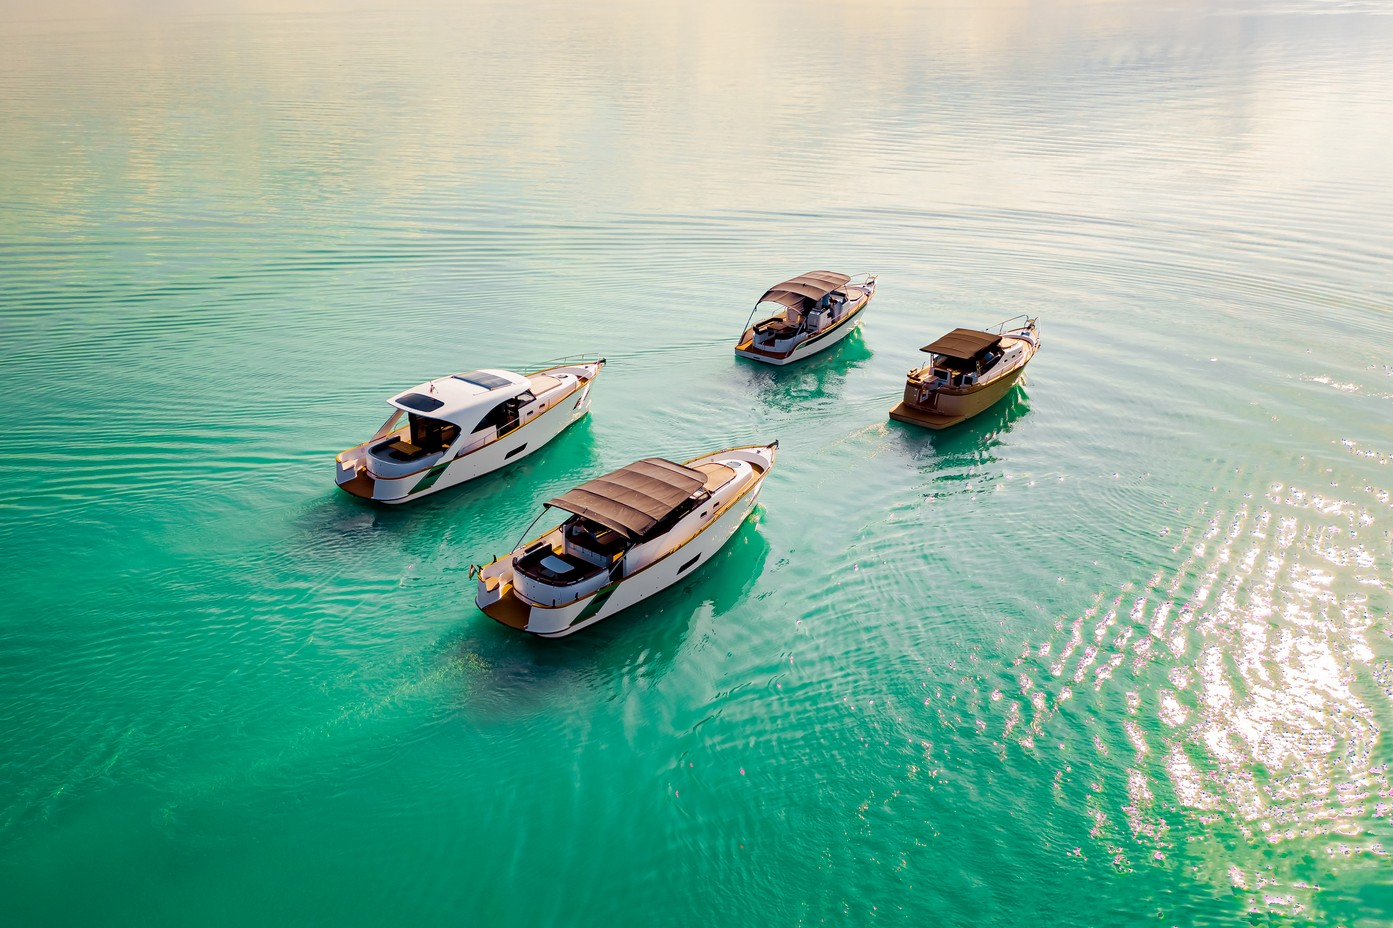 Zöldszalag Regatta – Augusztus végén elszabadulnak az elektromos hajók a Balatonon